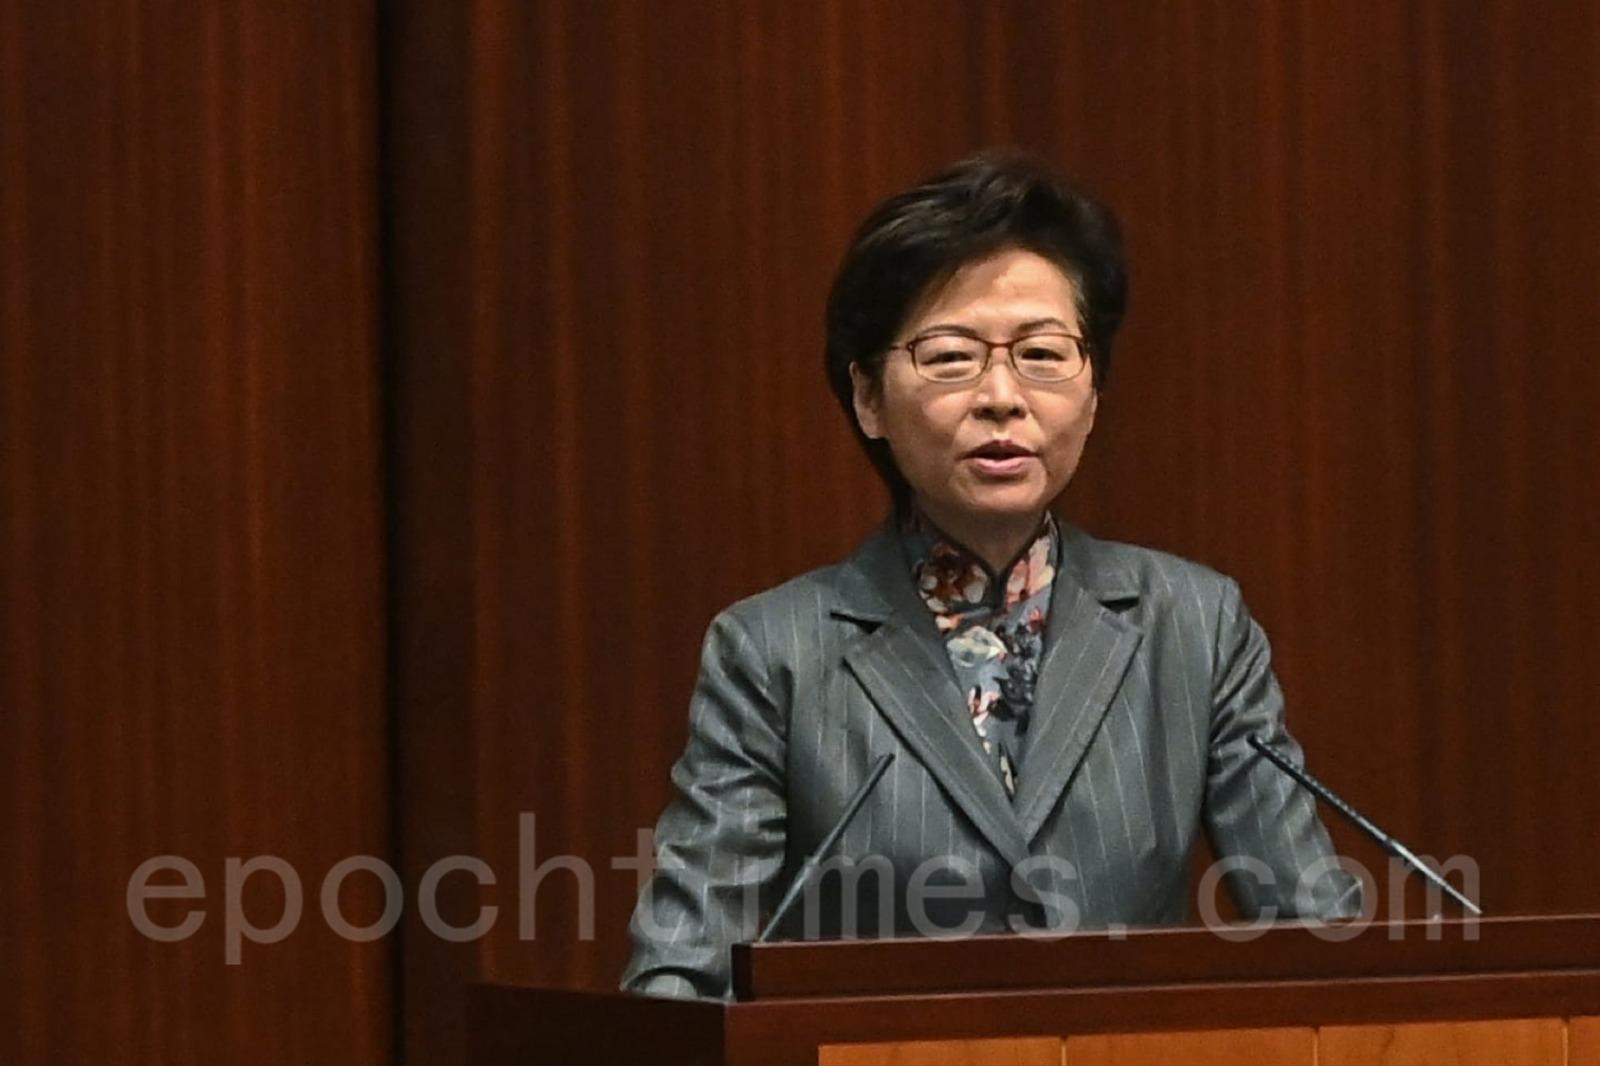 香港特首林鄭月娥在《施政報告》中聲稱通識科「被異化」須改革。(大紀元資料圖片)